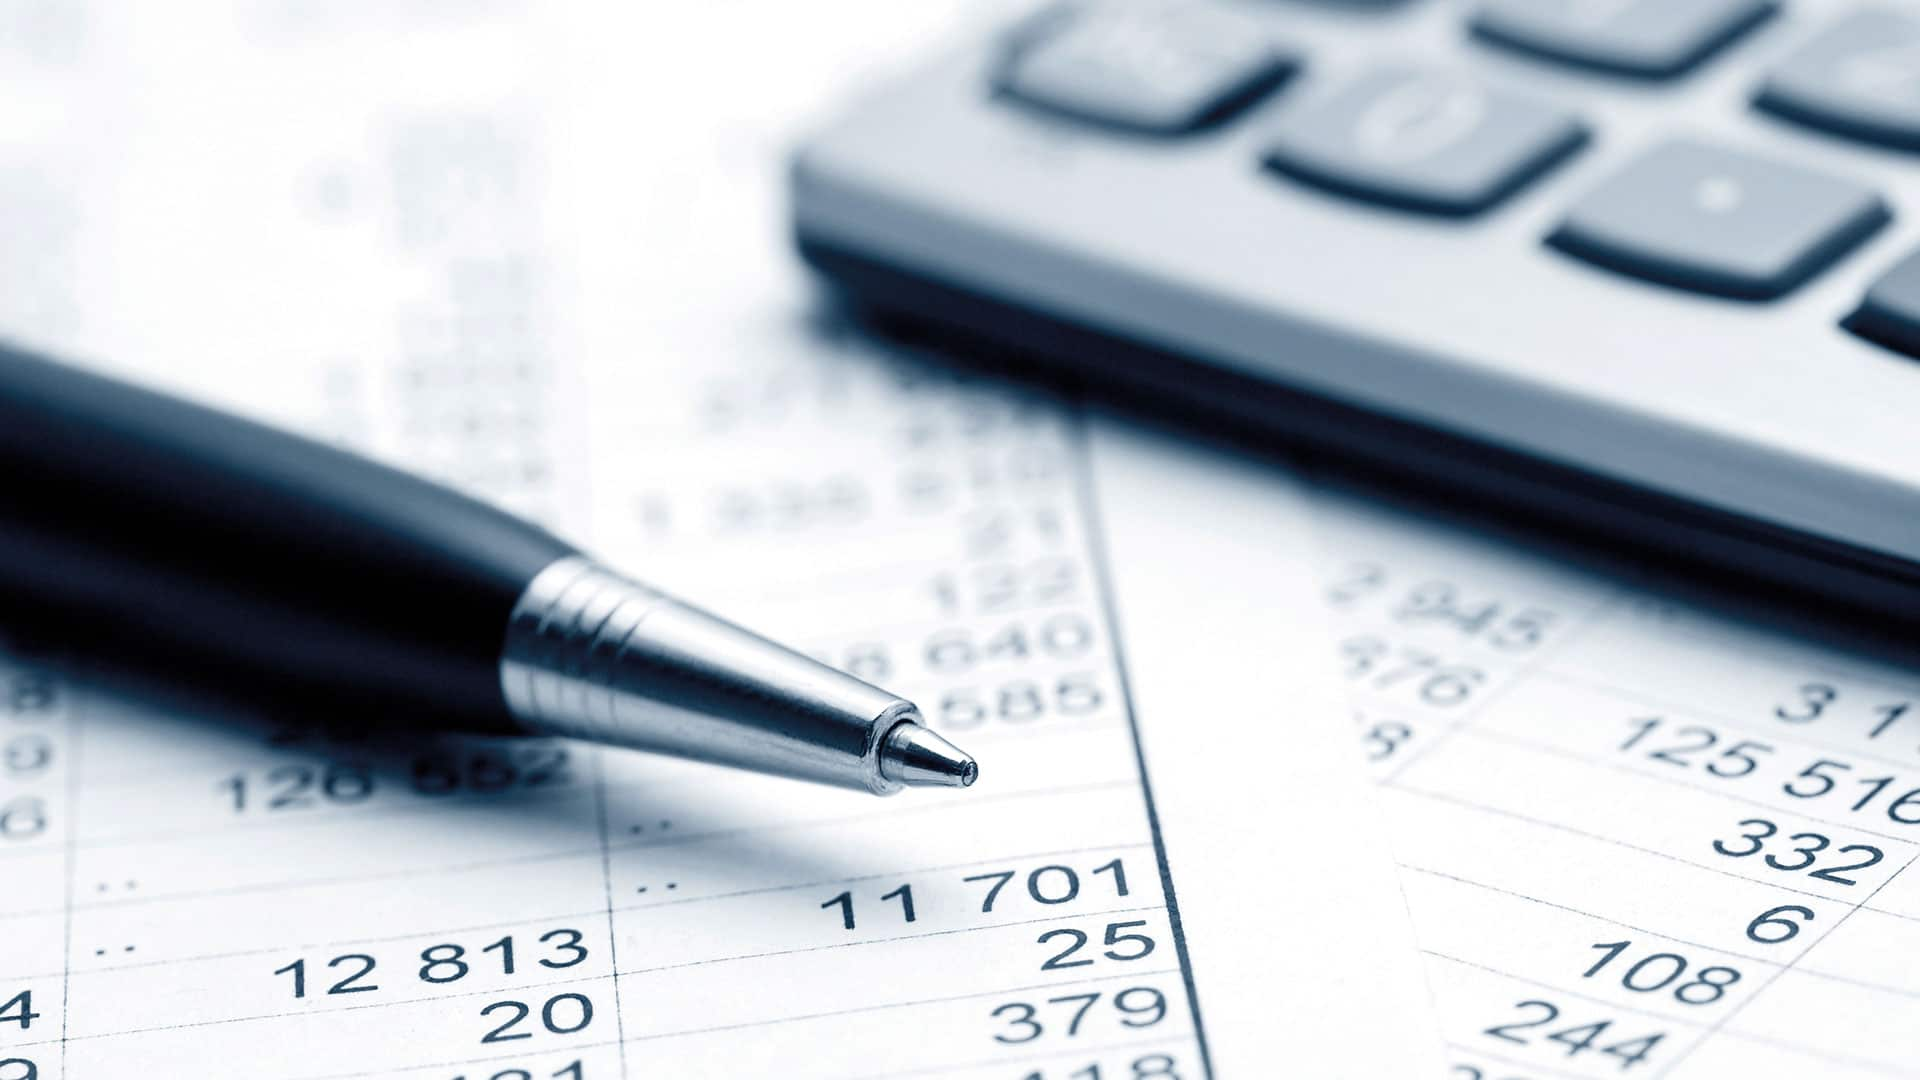 Pen, papier en rekenmachine